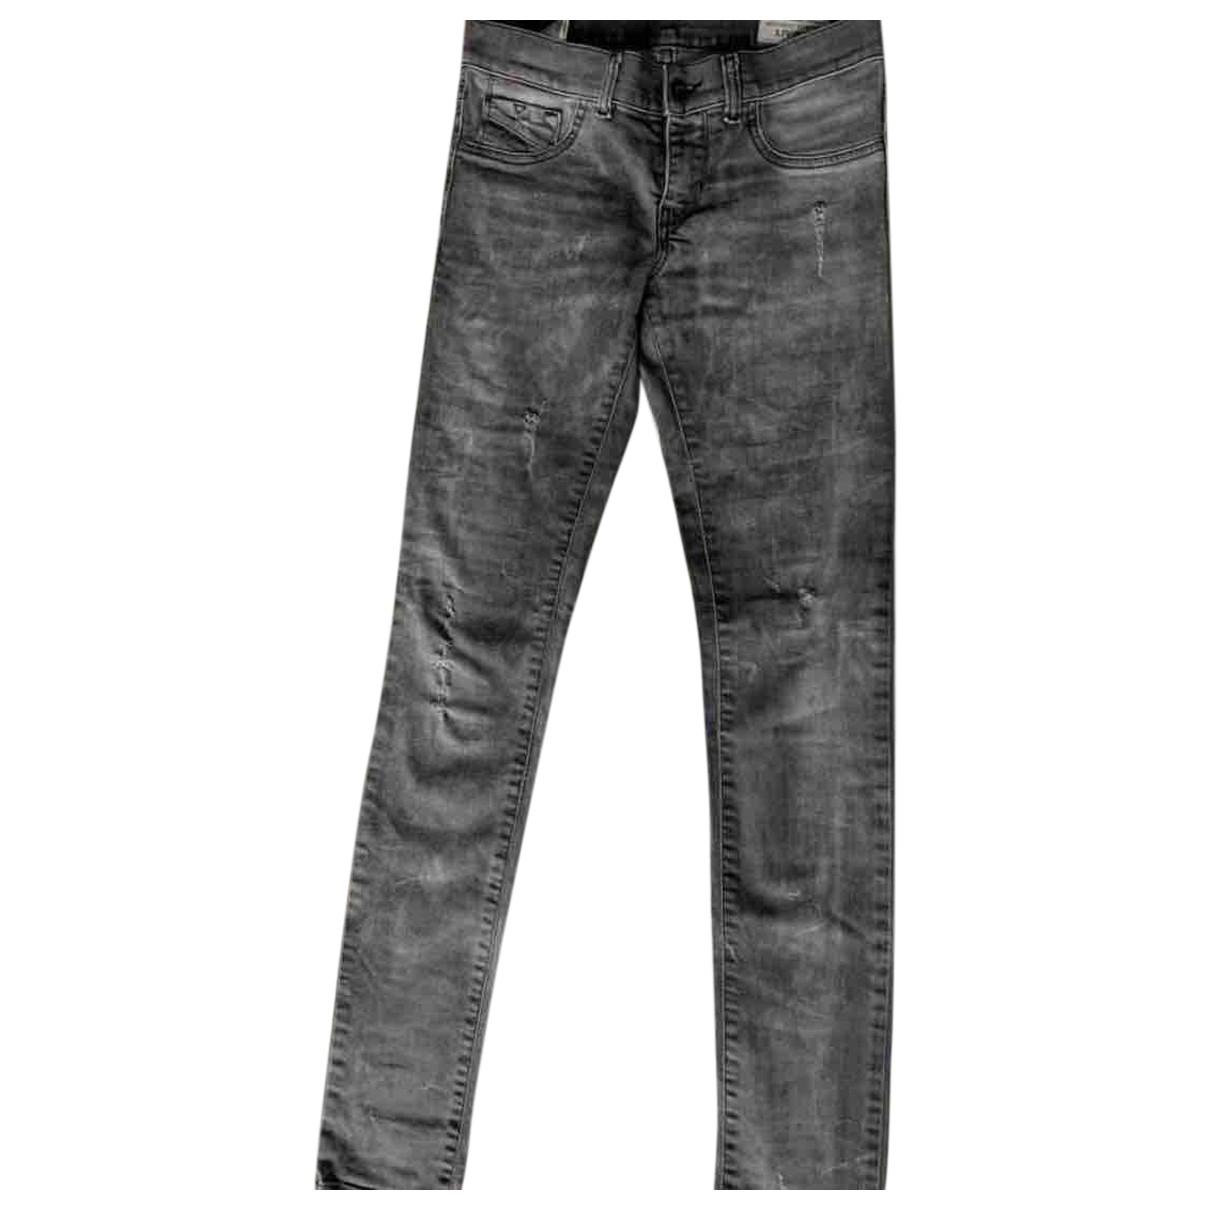 Diesel - Jean   pour femme en denim - gris